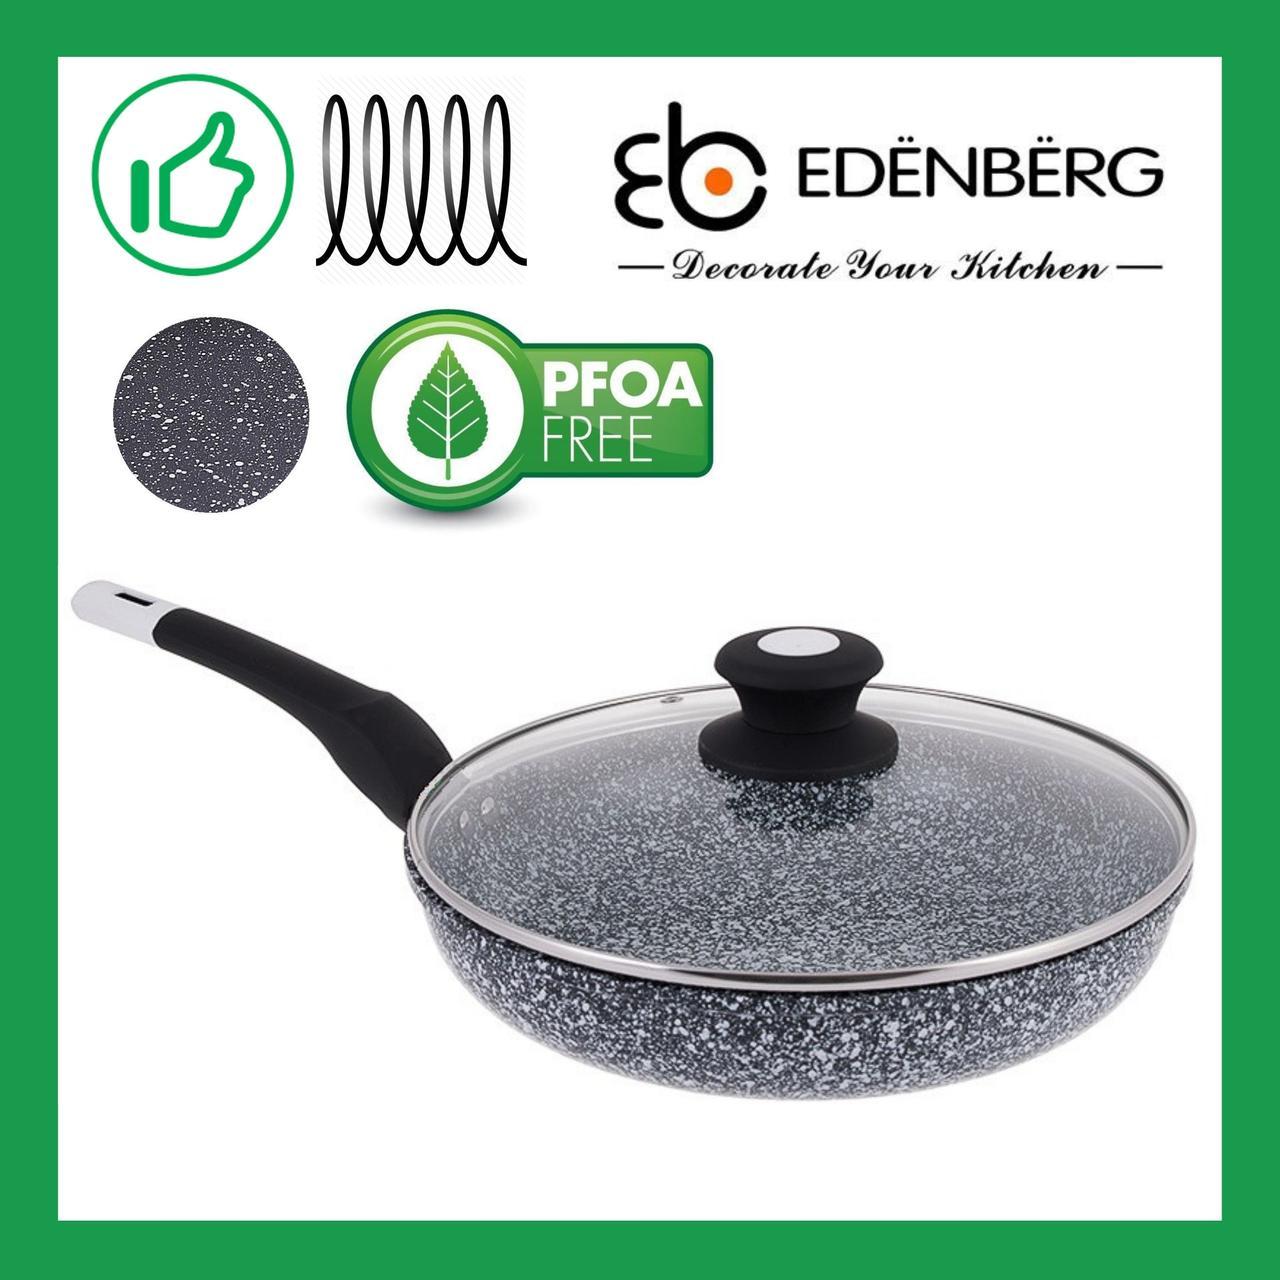 Сковорода антипригарная 20 см с гранитным покрытием и крышкой Edenberg Эденберг (EB-9164)